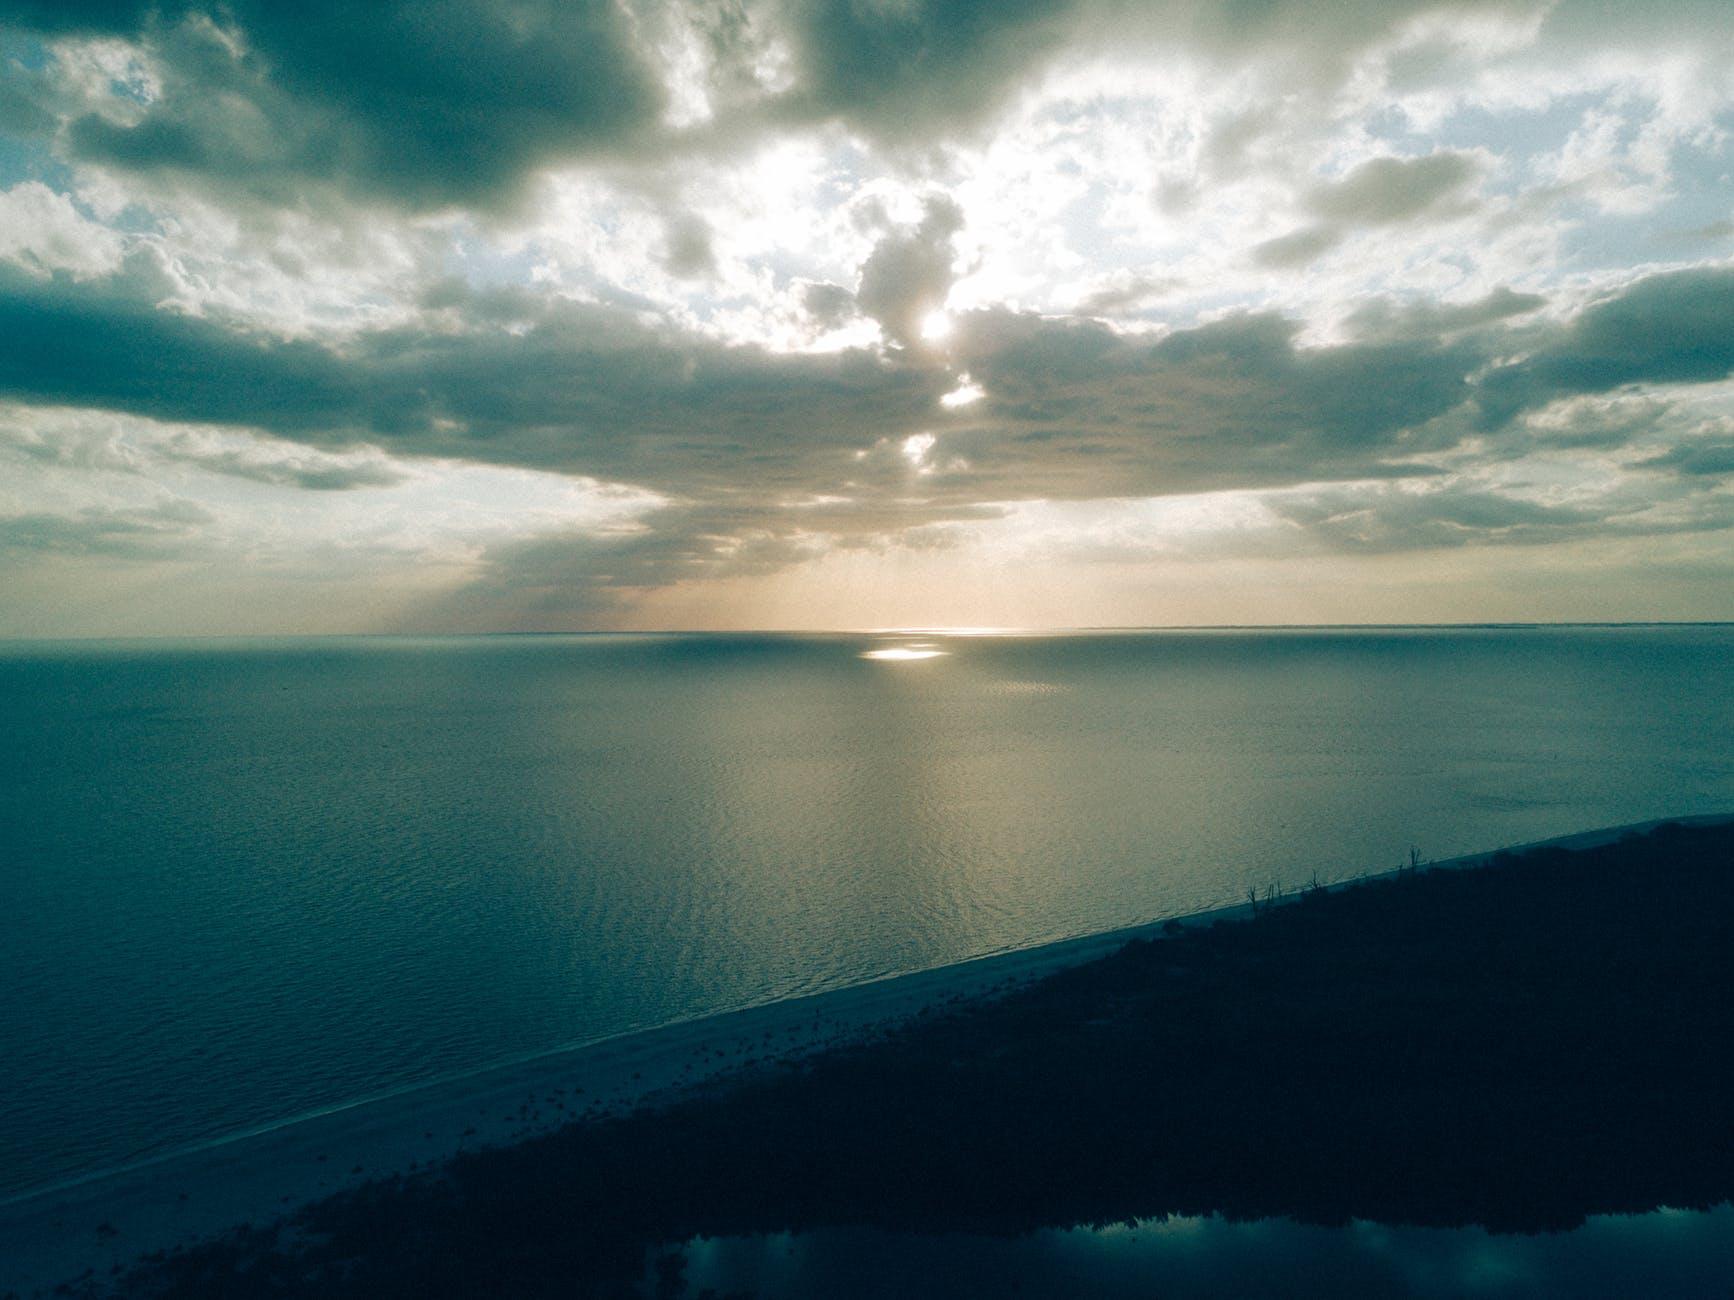 beach bird s eye view clouds dawn